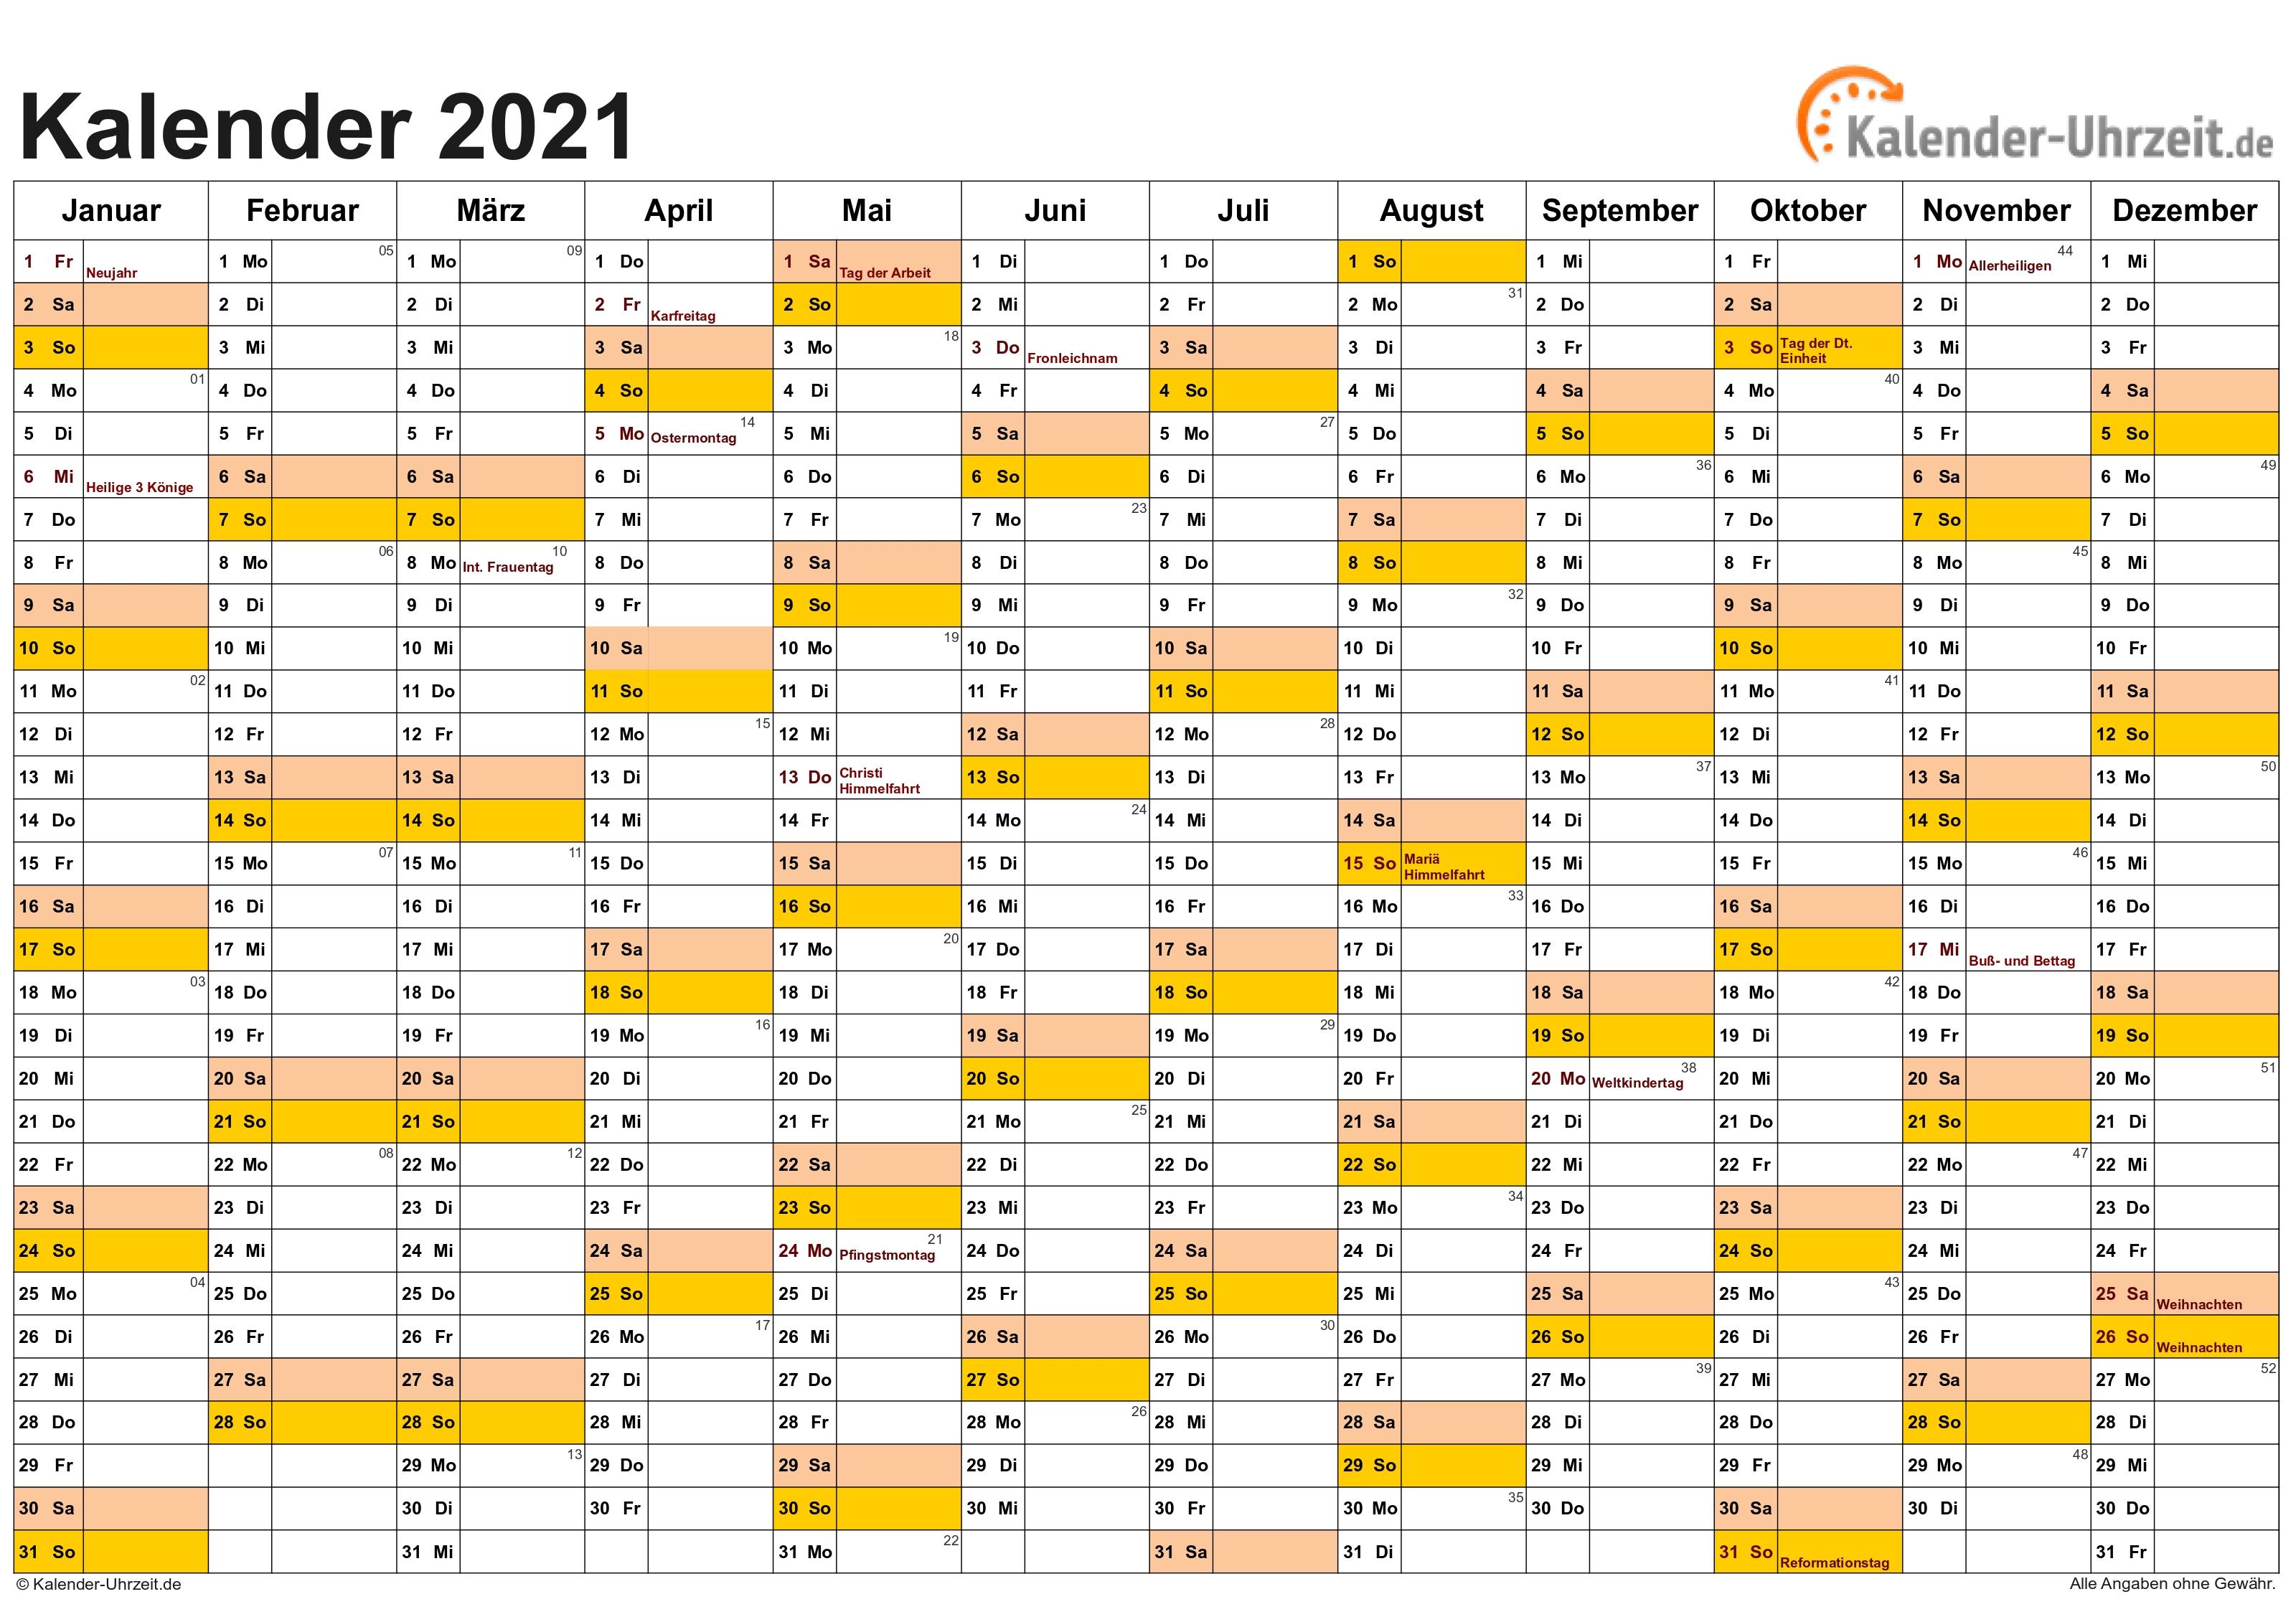 Kalender 2021 Mit Feiertagen  50 Kalenderwoche 2021